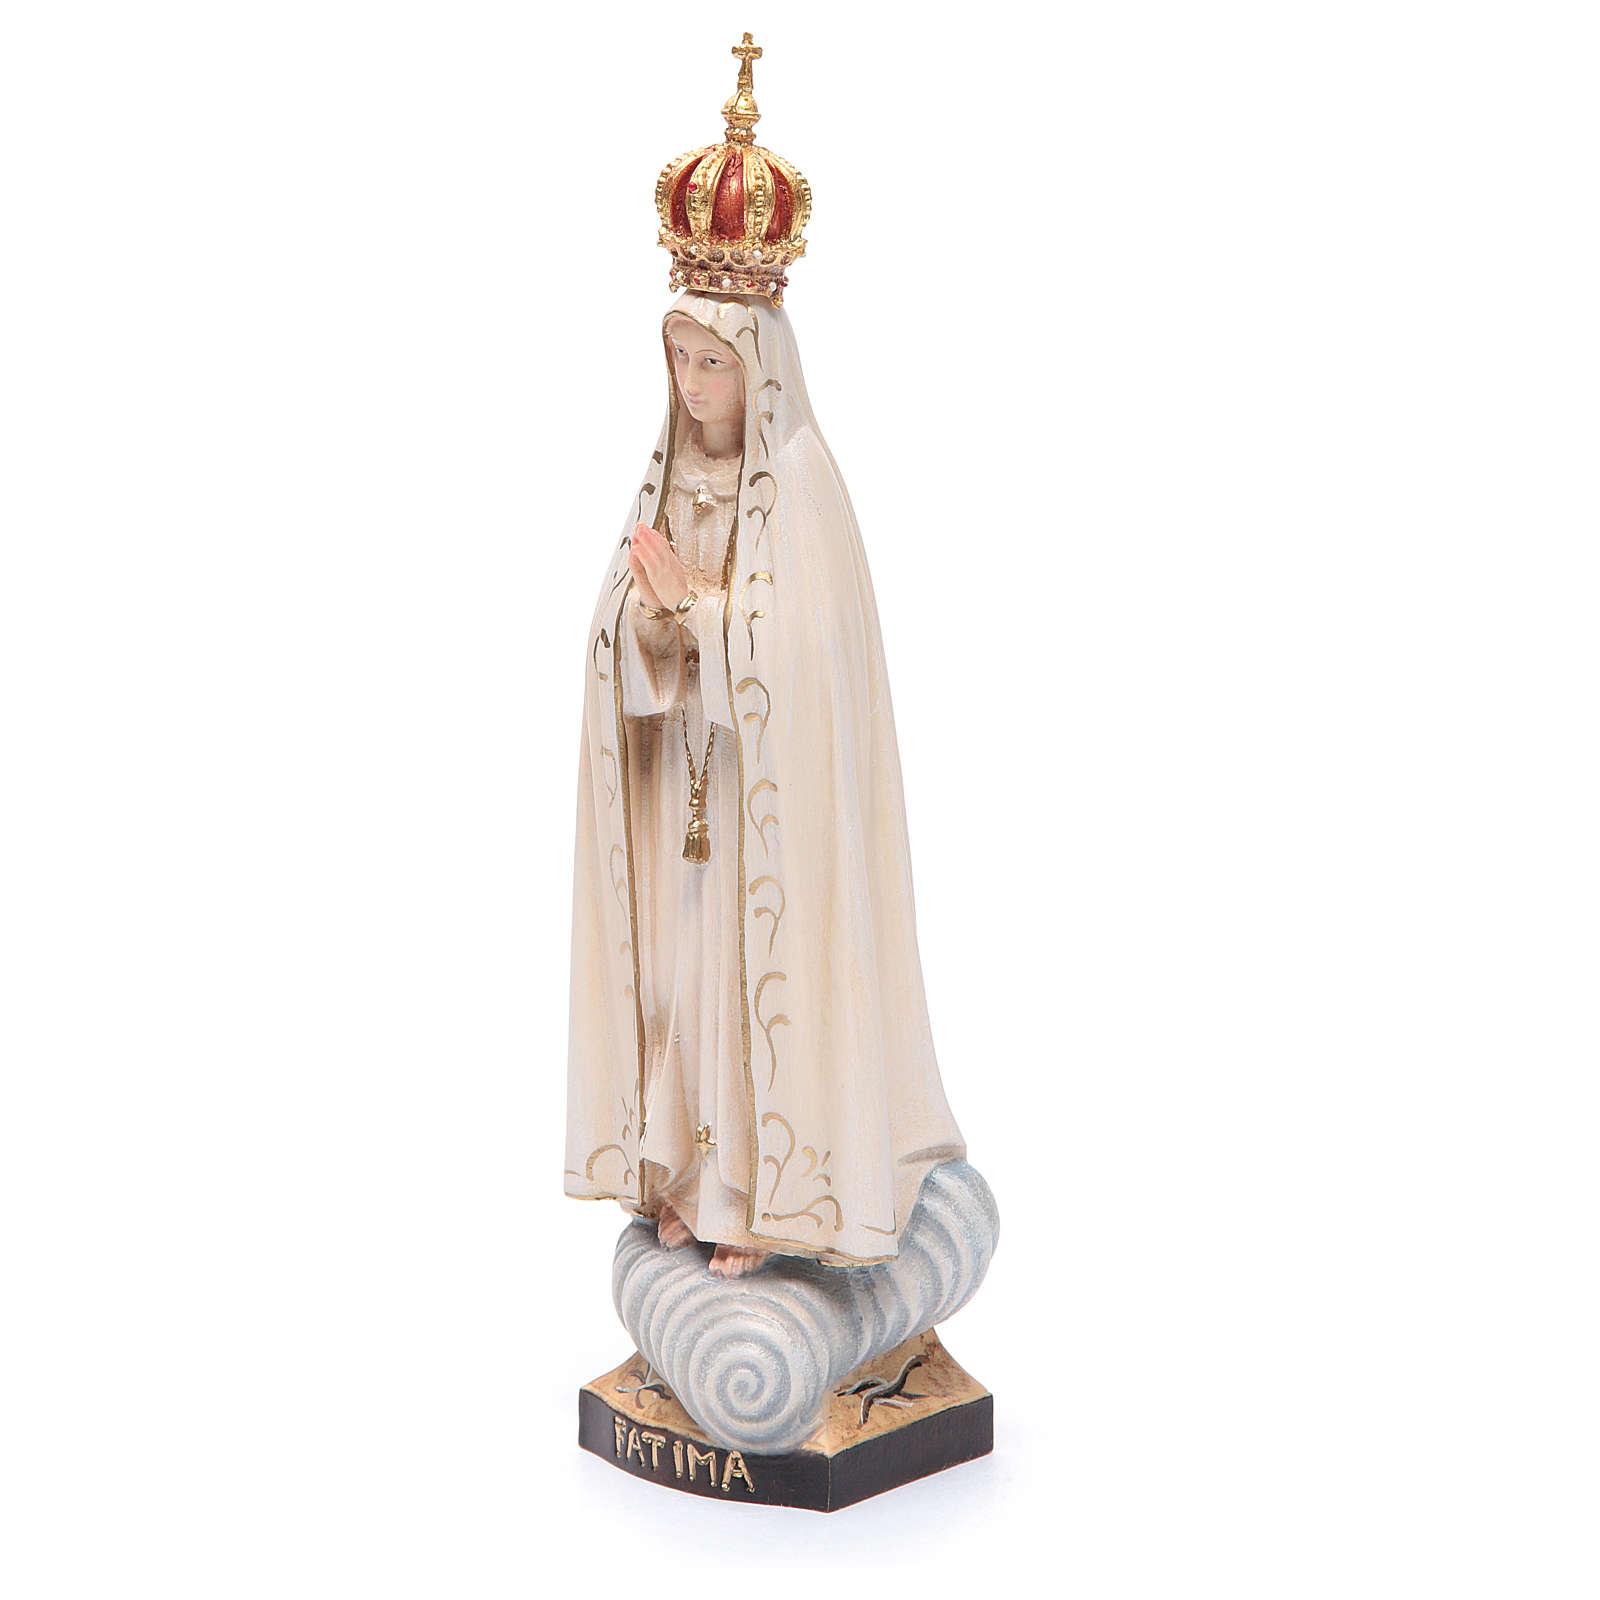 Imagen Virgen de Fatima con corona pintada Valgardena 4